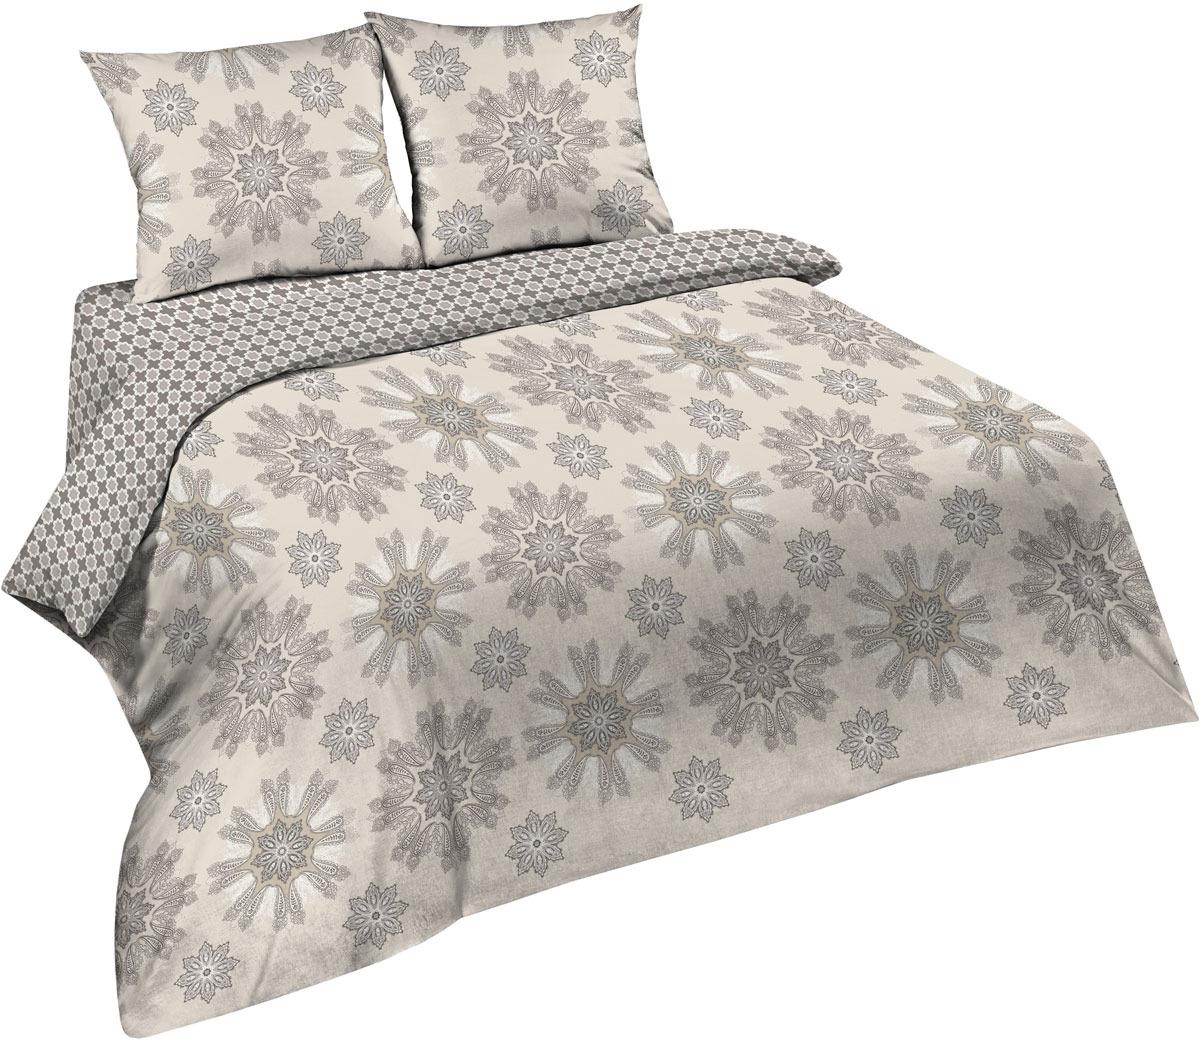 Комплект постельного белья Павлина Простые вещи, 2-х спальный, наволочки 70x70, цвет: серый комплект постельного белья павлина простые вещи евро наволочки 70x70 цвет коричневый